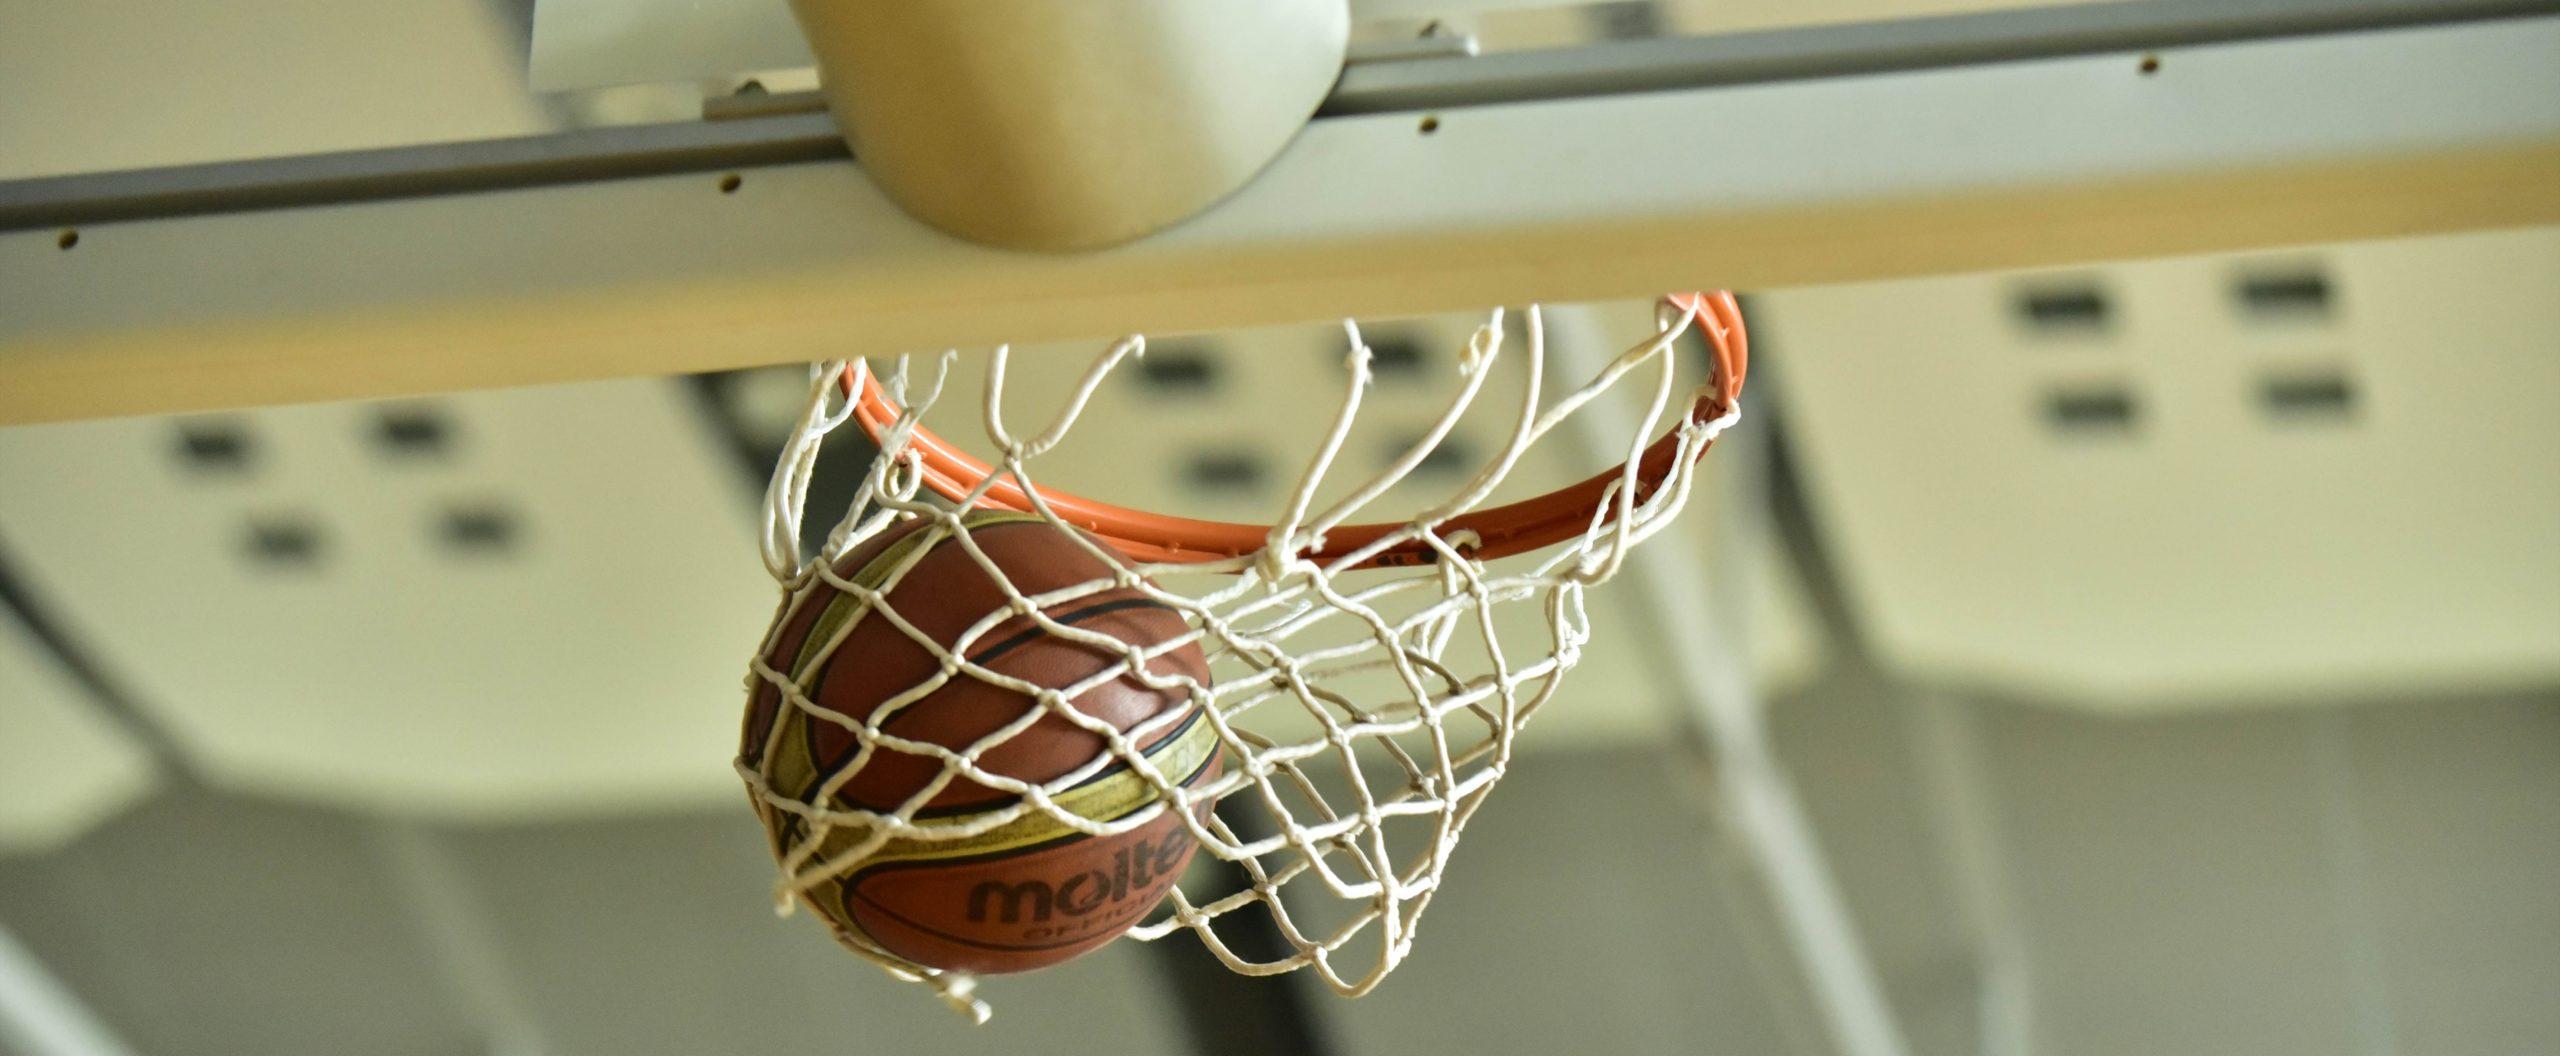 大分から世界へ!大分にいながら世界のバスケットを体験、挑戦できる環境を創ります。